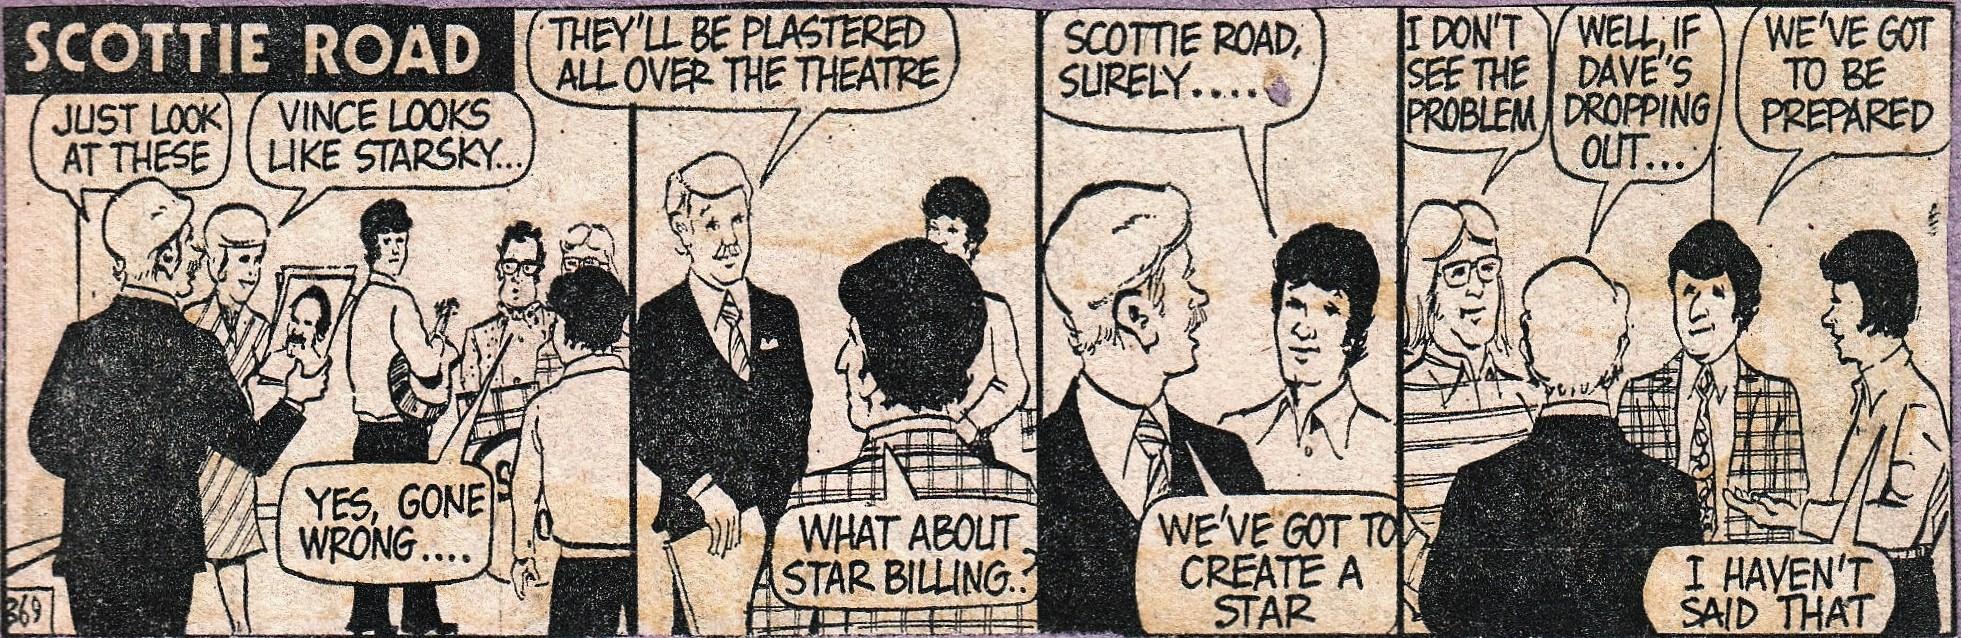 Scottie Road 369